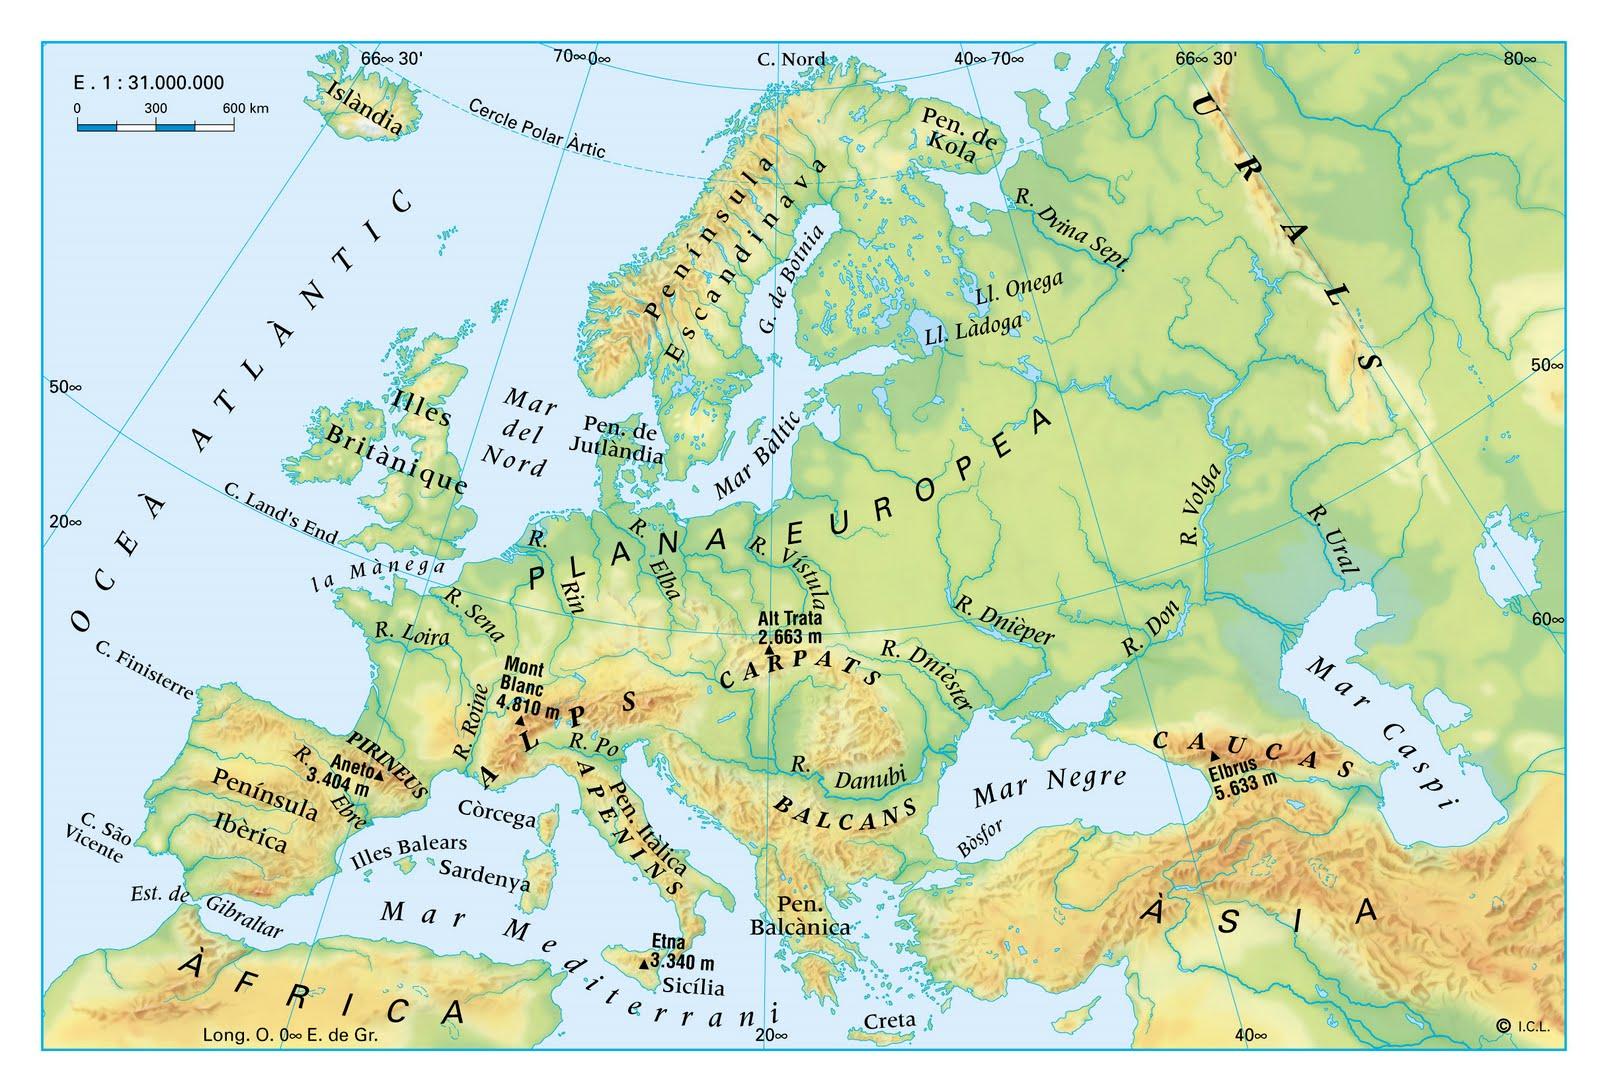 Mapa Fisic D Europa Rius.25 Imagenes Mapa Interactiu Europa